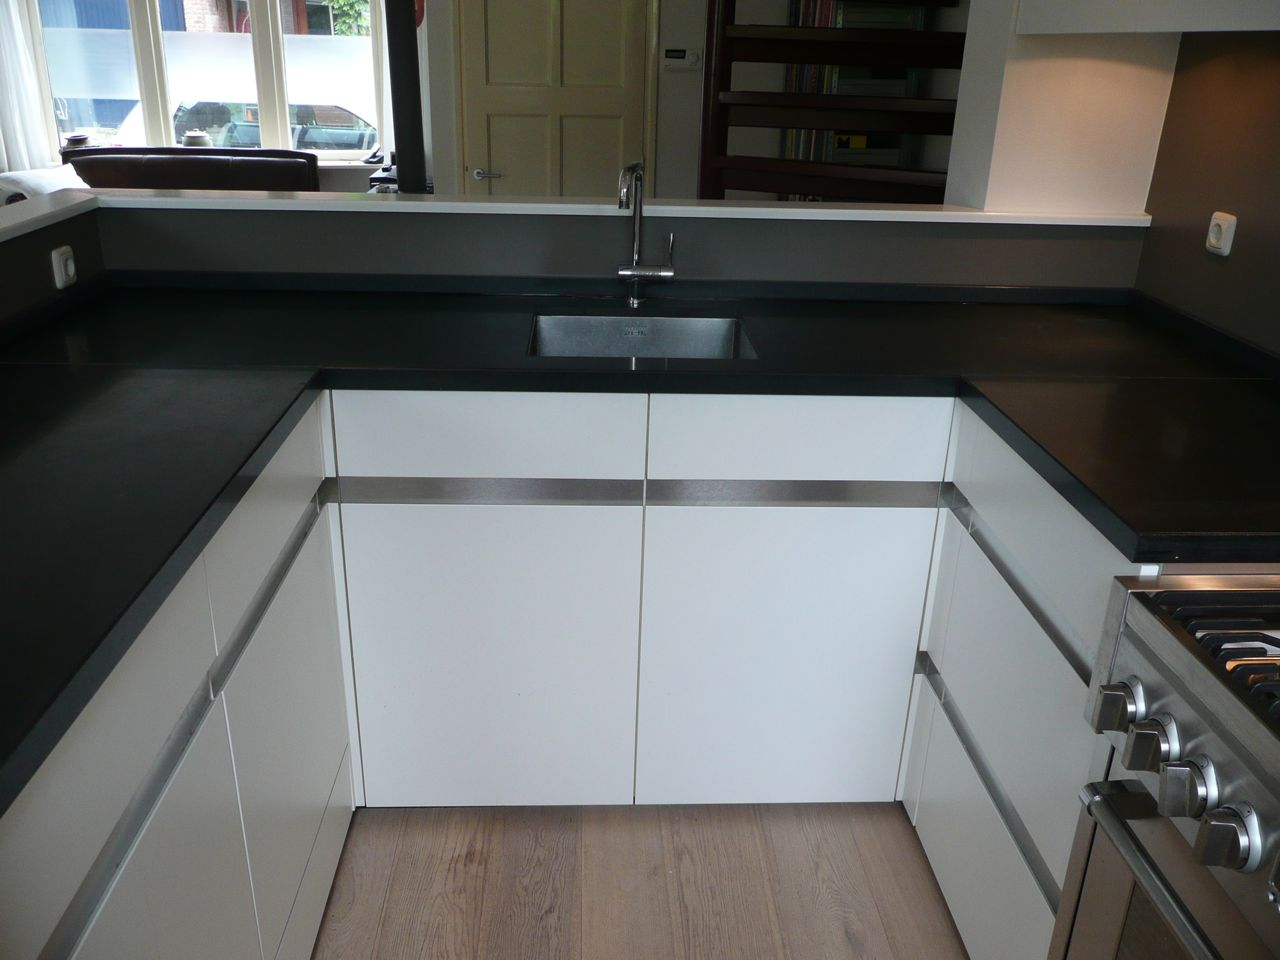 Achterwand Keuken Zonder Bovenkastjes : Rechte Keuken Zonder Bovenkastjes : keukens voor uw appartement twee